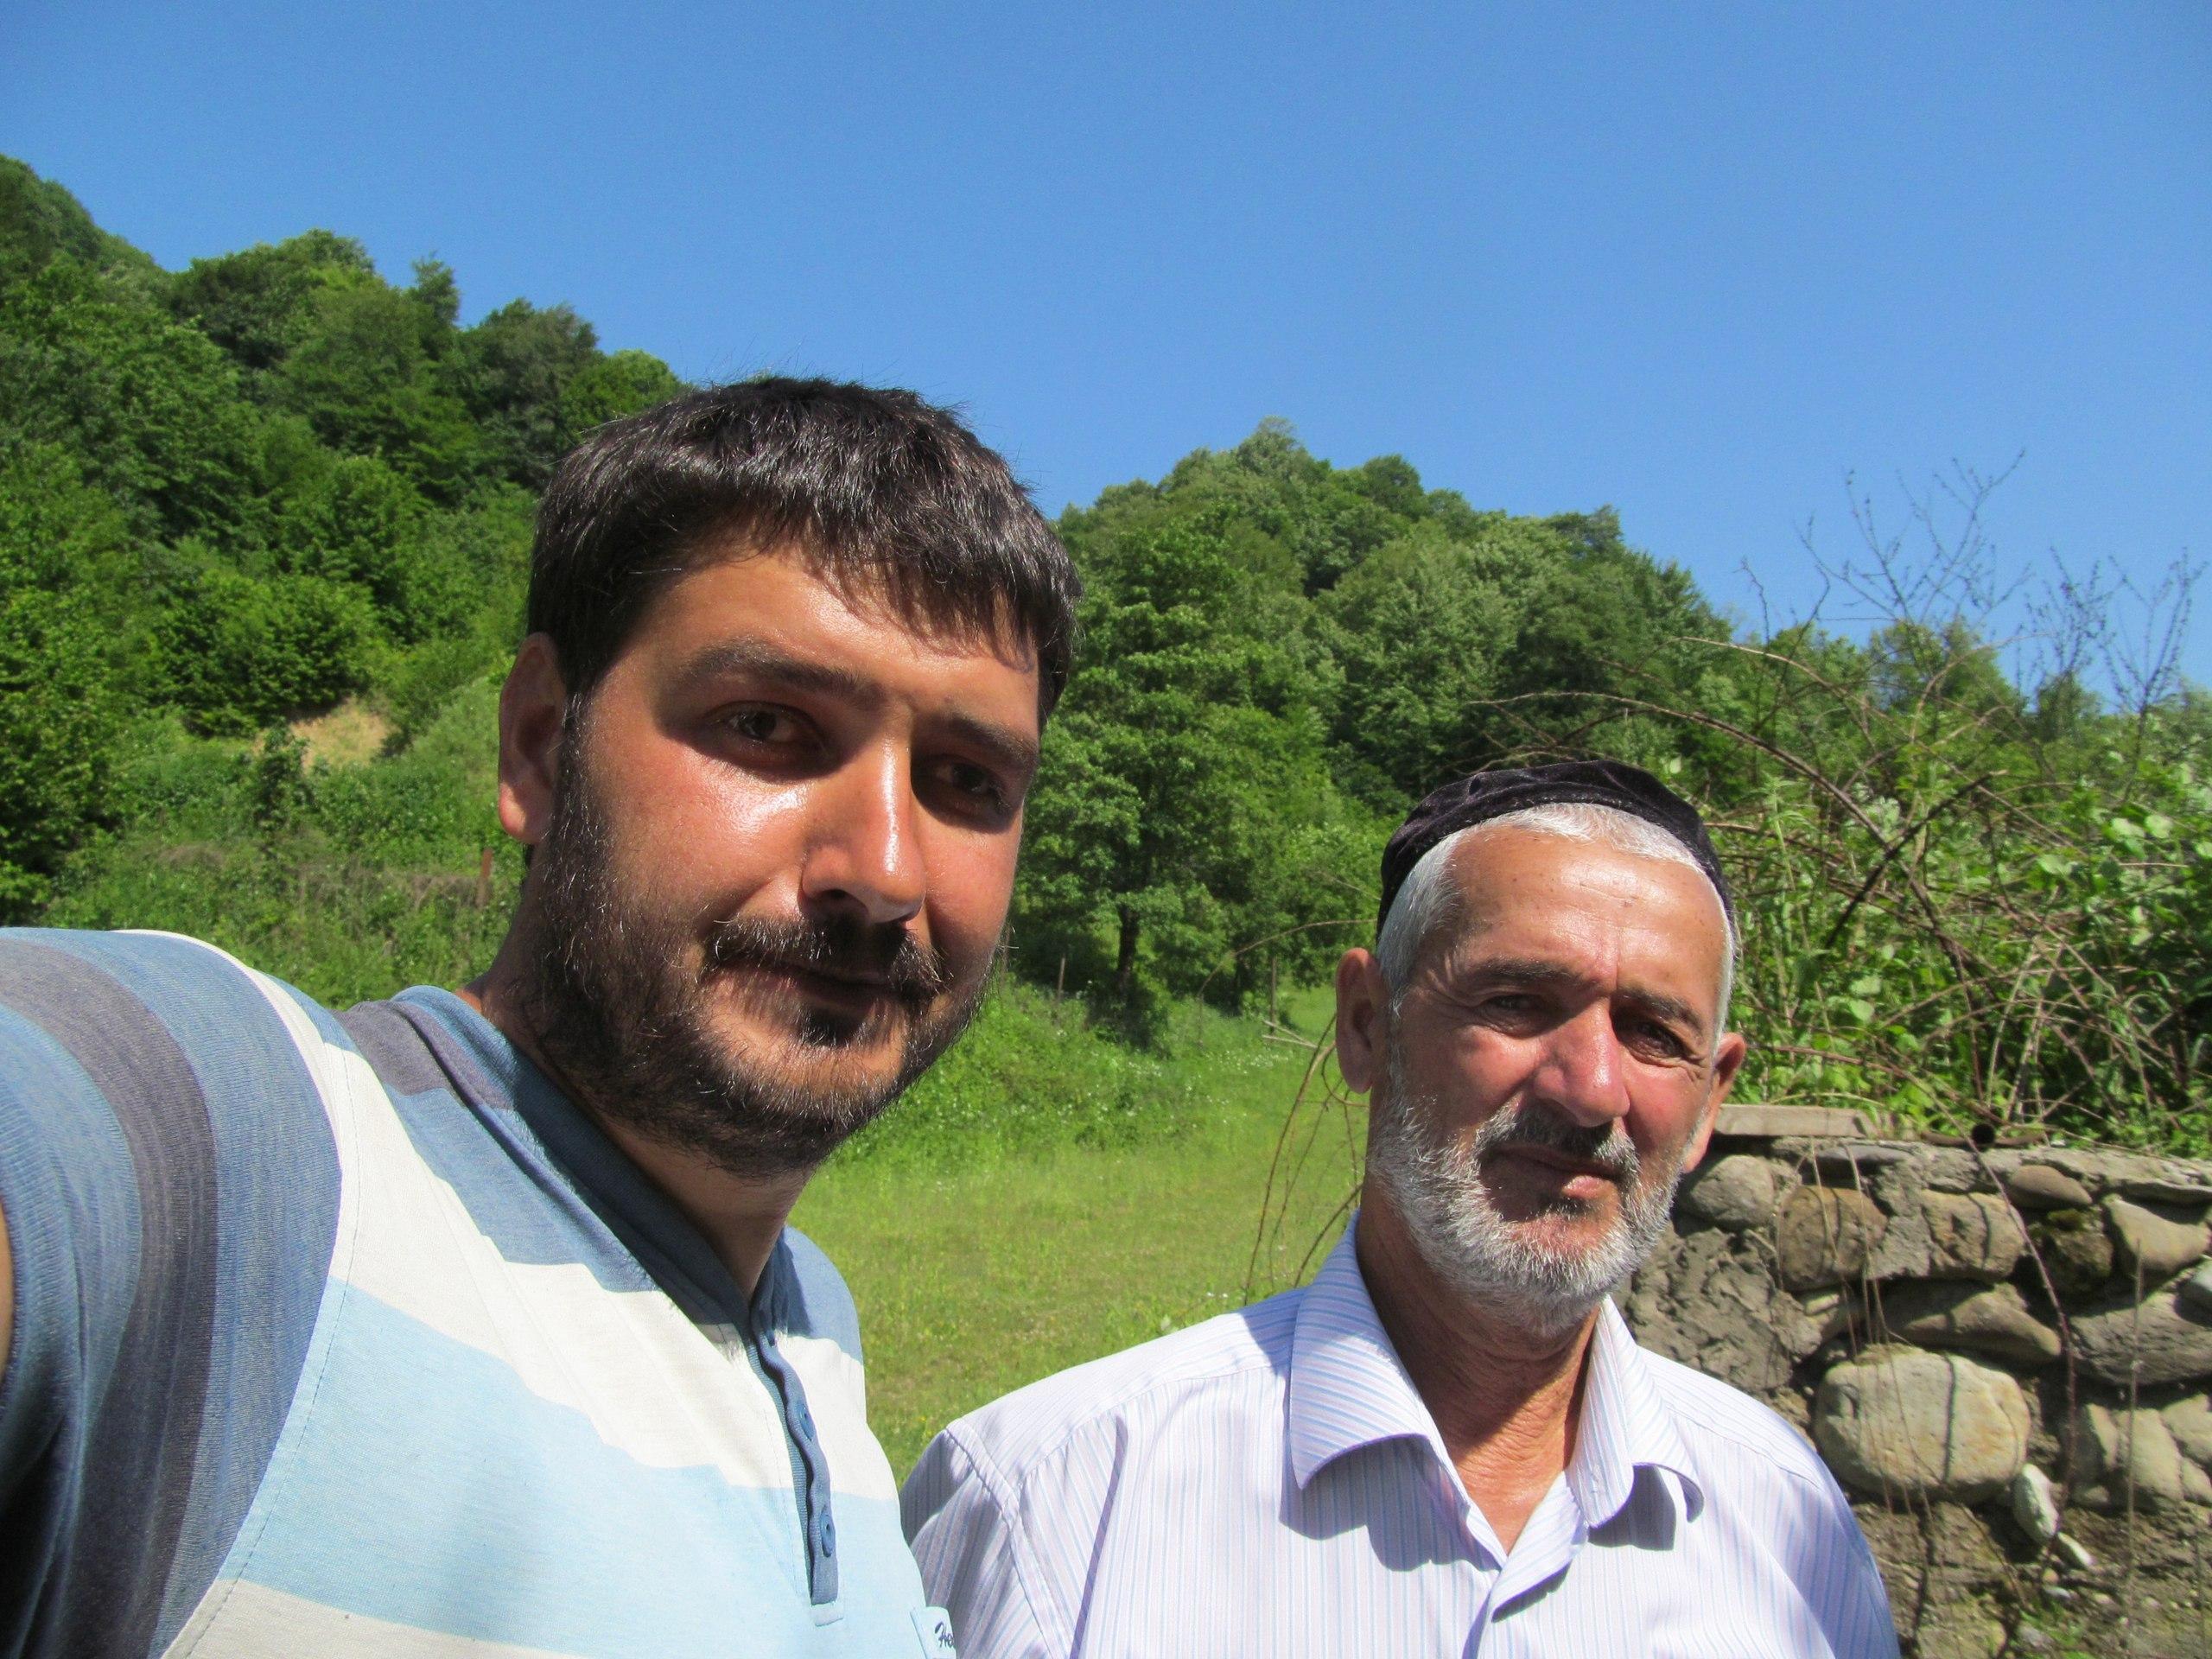 Чеченцы пристально рассматривают незнакомцев, подробно расспрашивают, кто они и зачем к ним приехали. И только после заводят душевную беседу